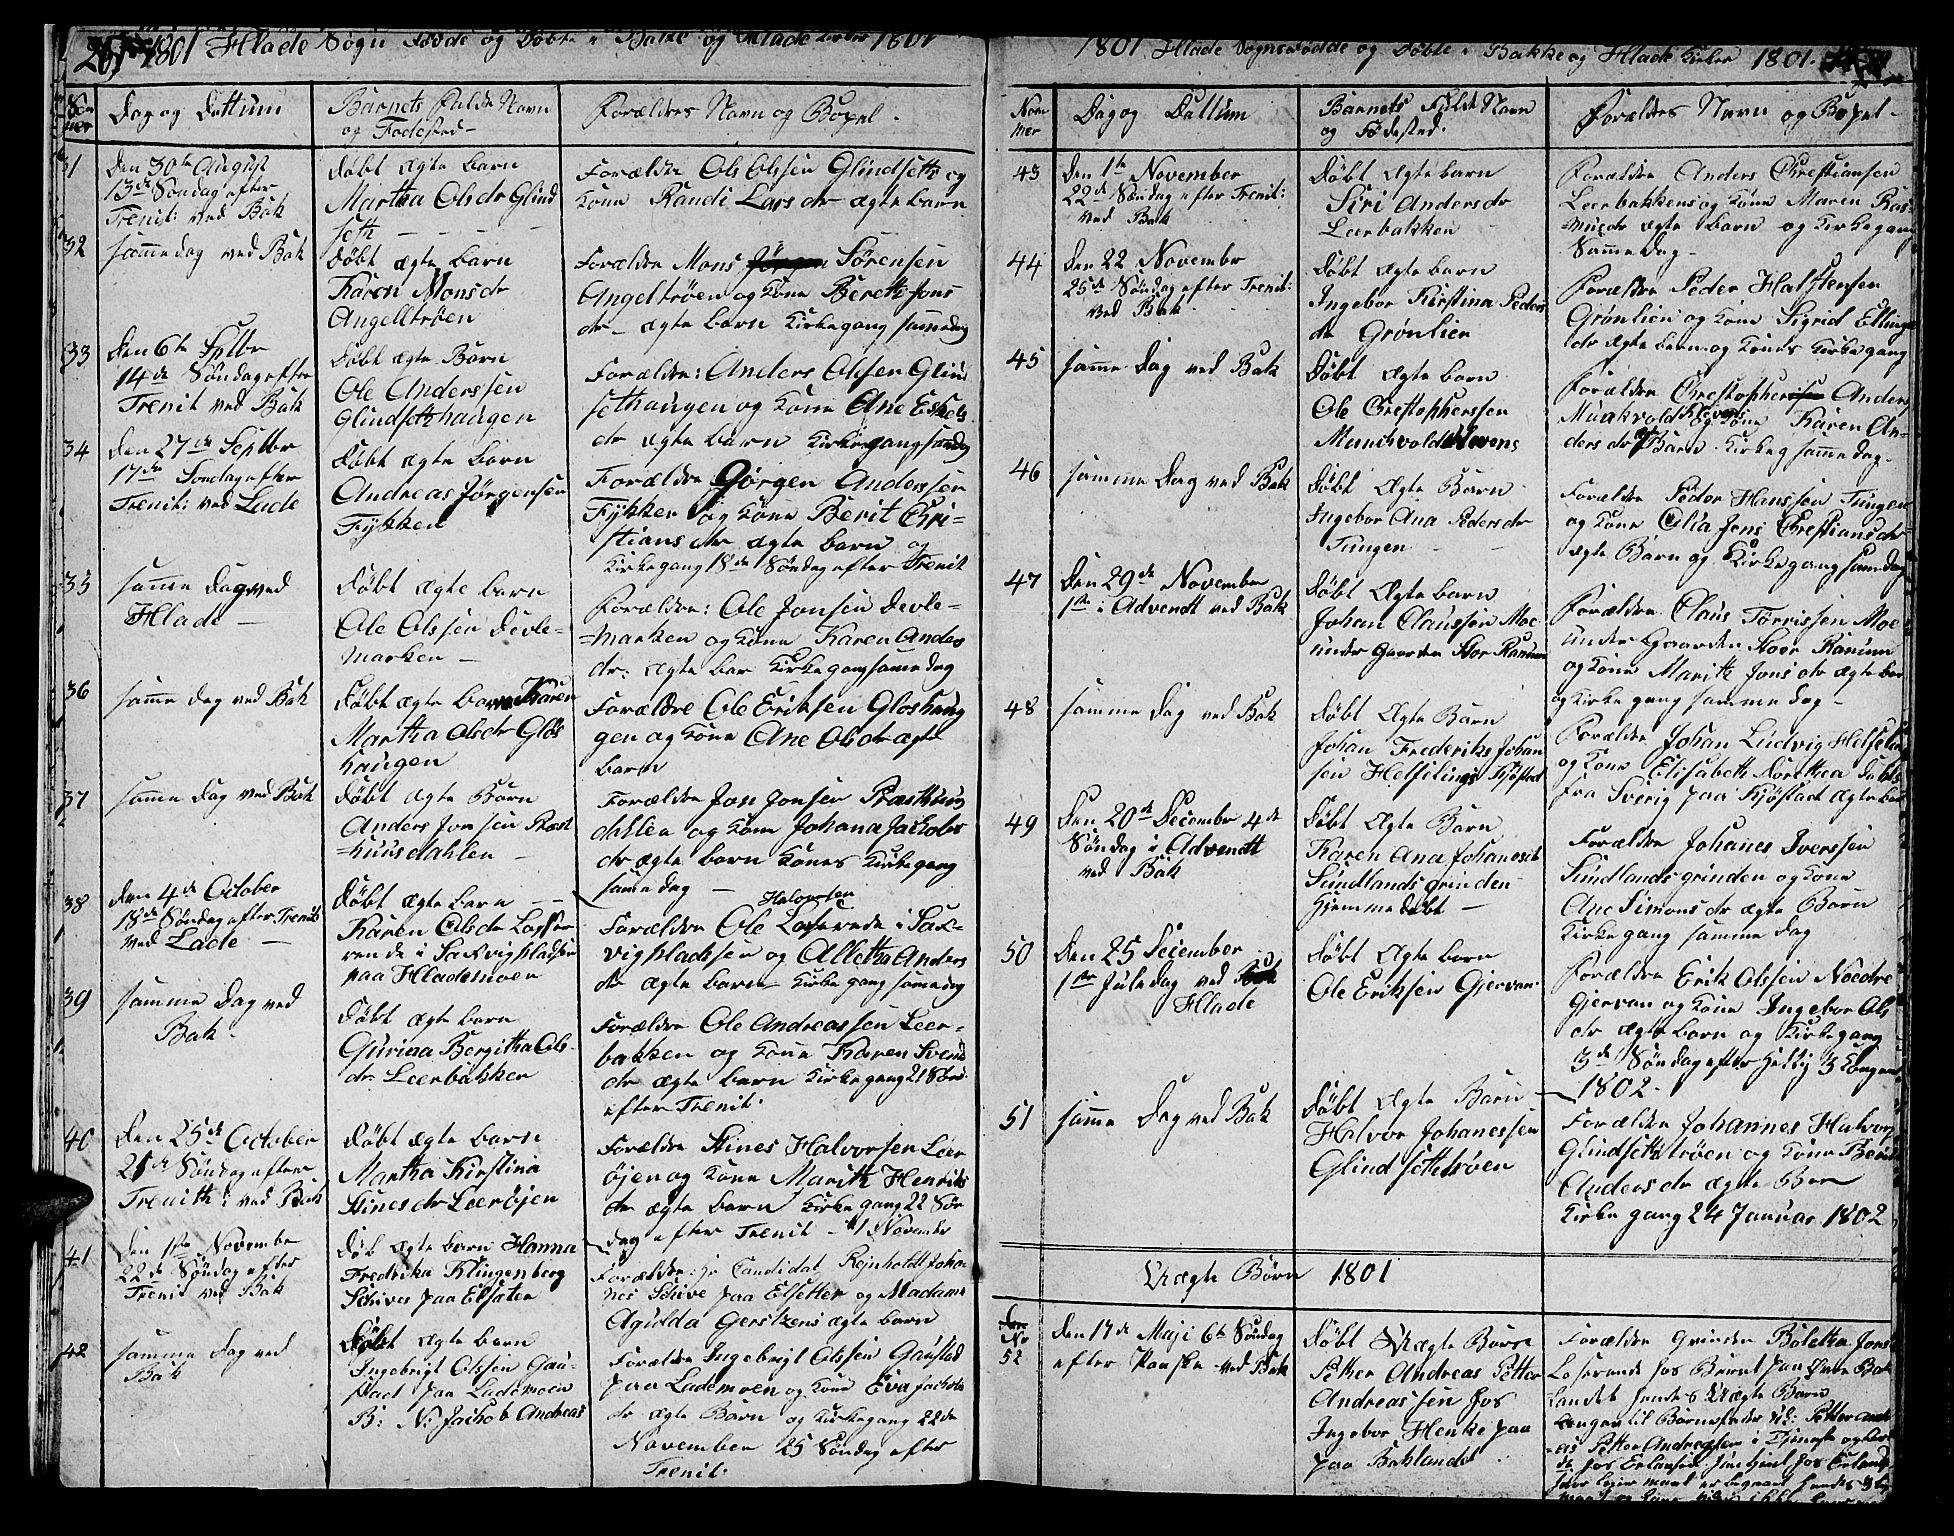 SAT, Ministerialprotokoller, klokkerbøker og fødselsregistre - Sør-Trøndelag, 606/L0306: Klokkerbok nr. 606C02, 1797-1829, s. 20-21